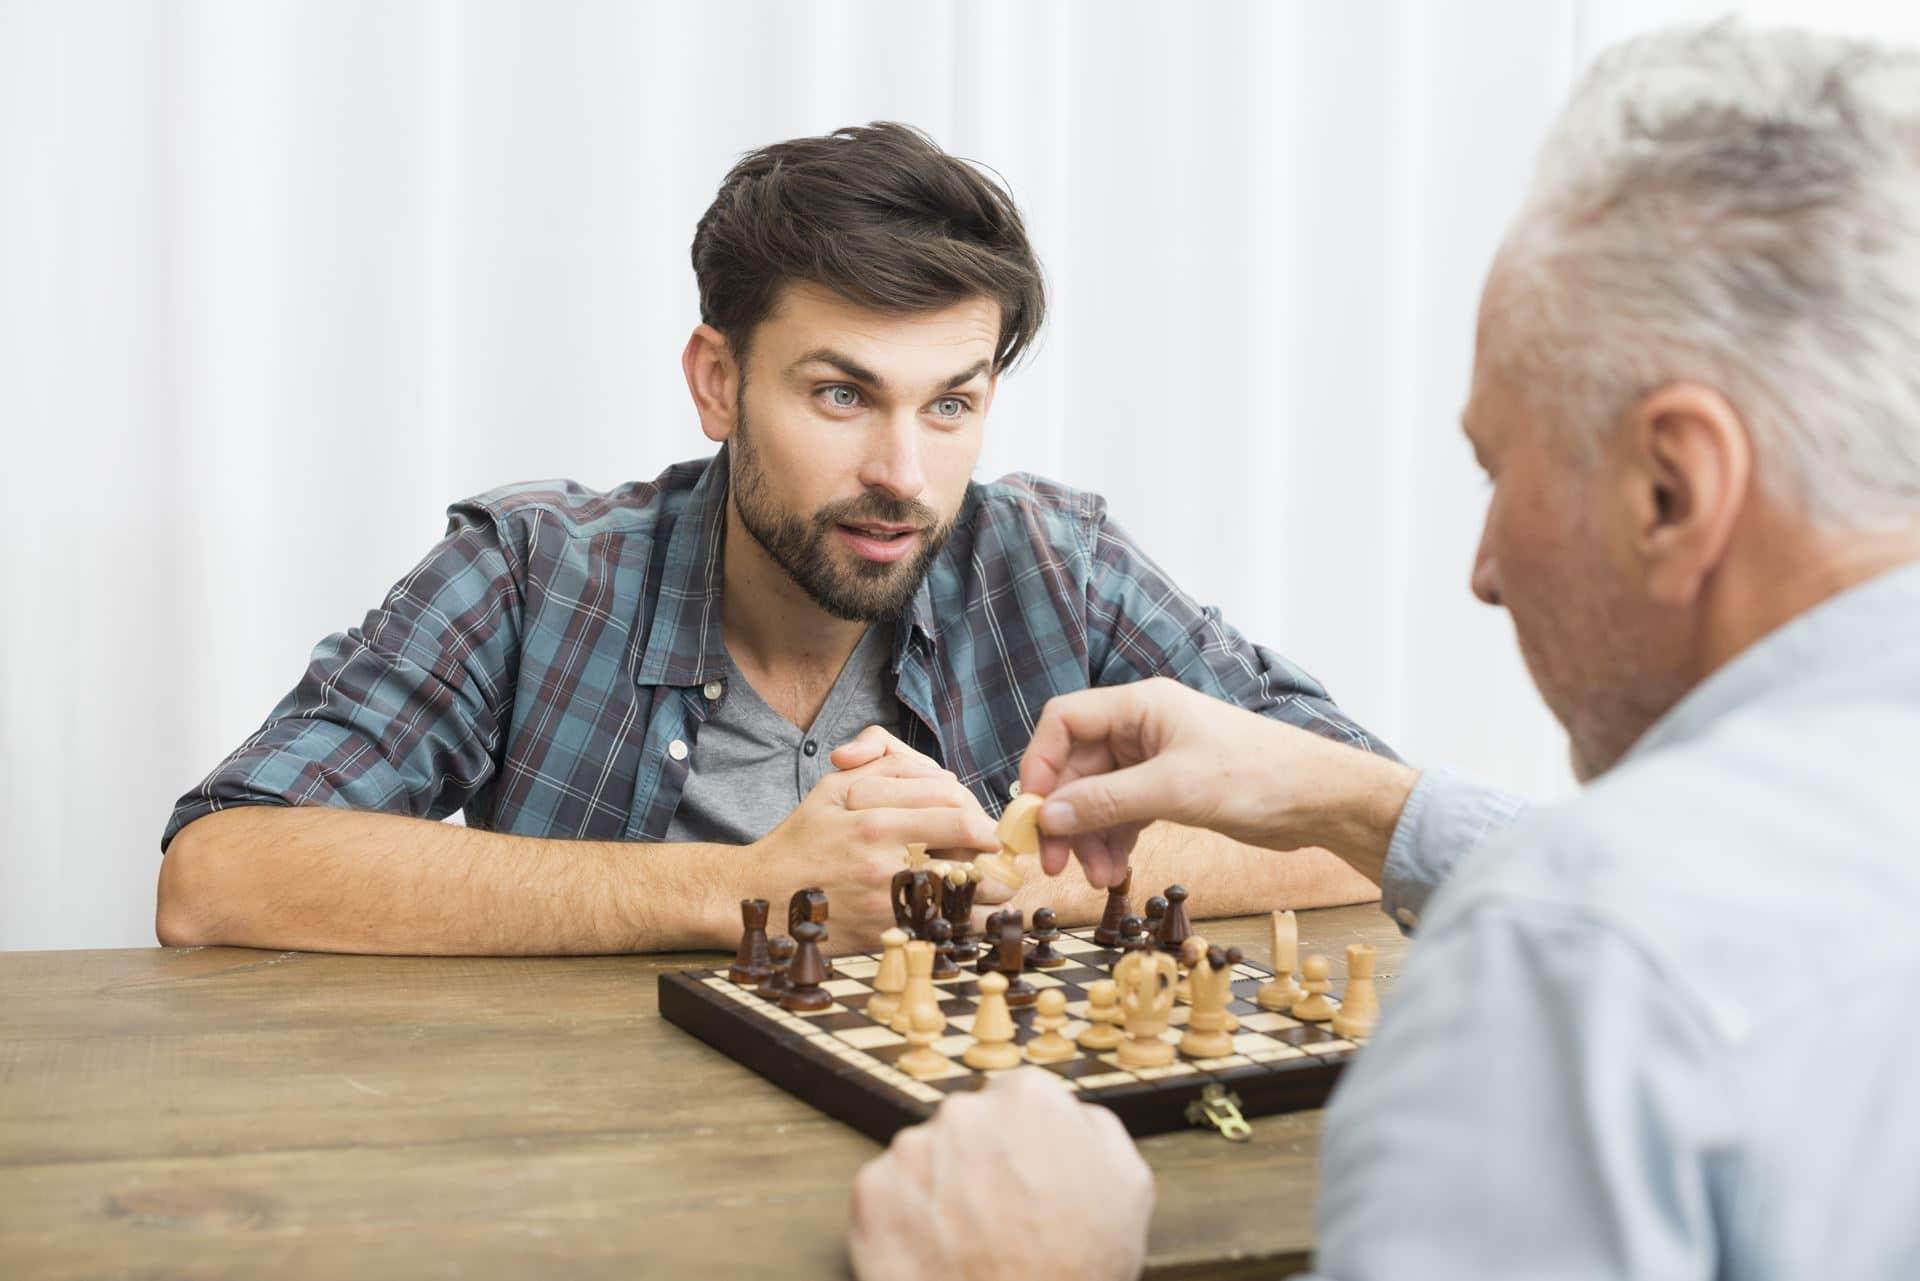 ריפוי בעיסוק פרטי בראשון לציוןRestart Therapy - שיקום פרטי בבית הלקוח